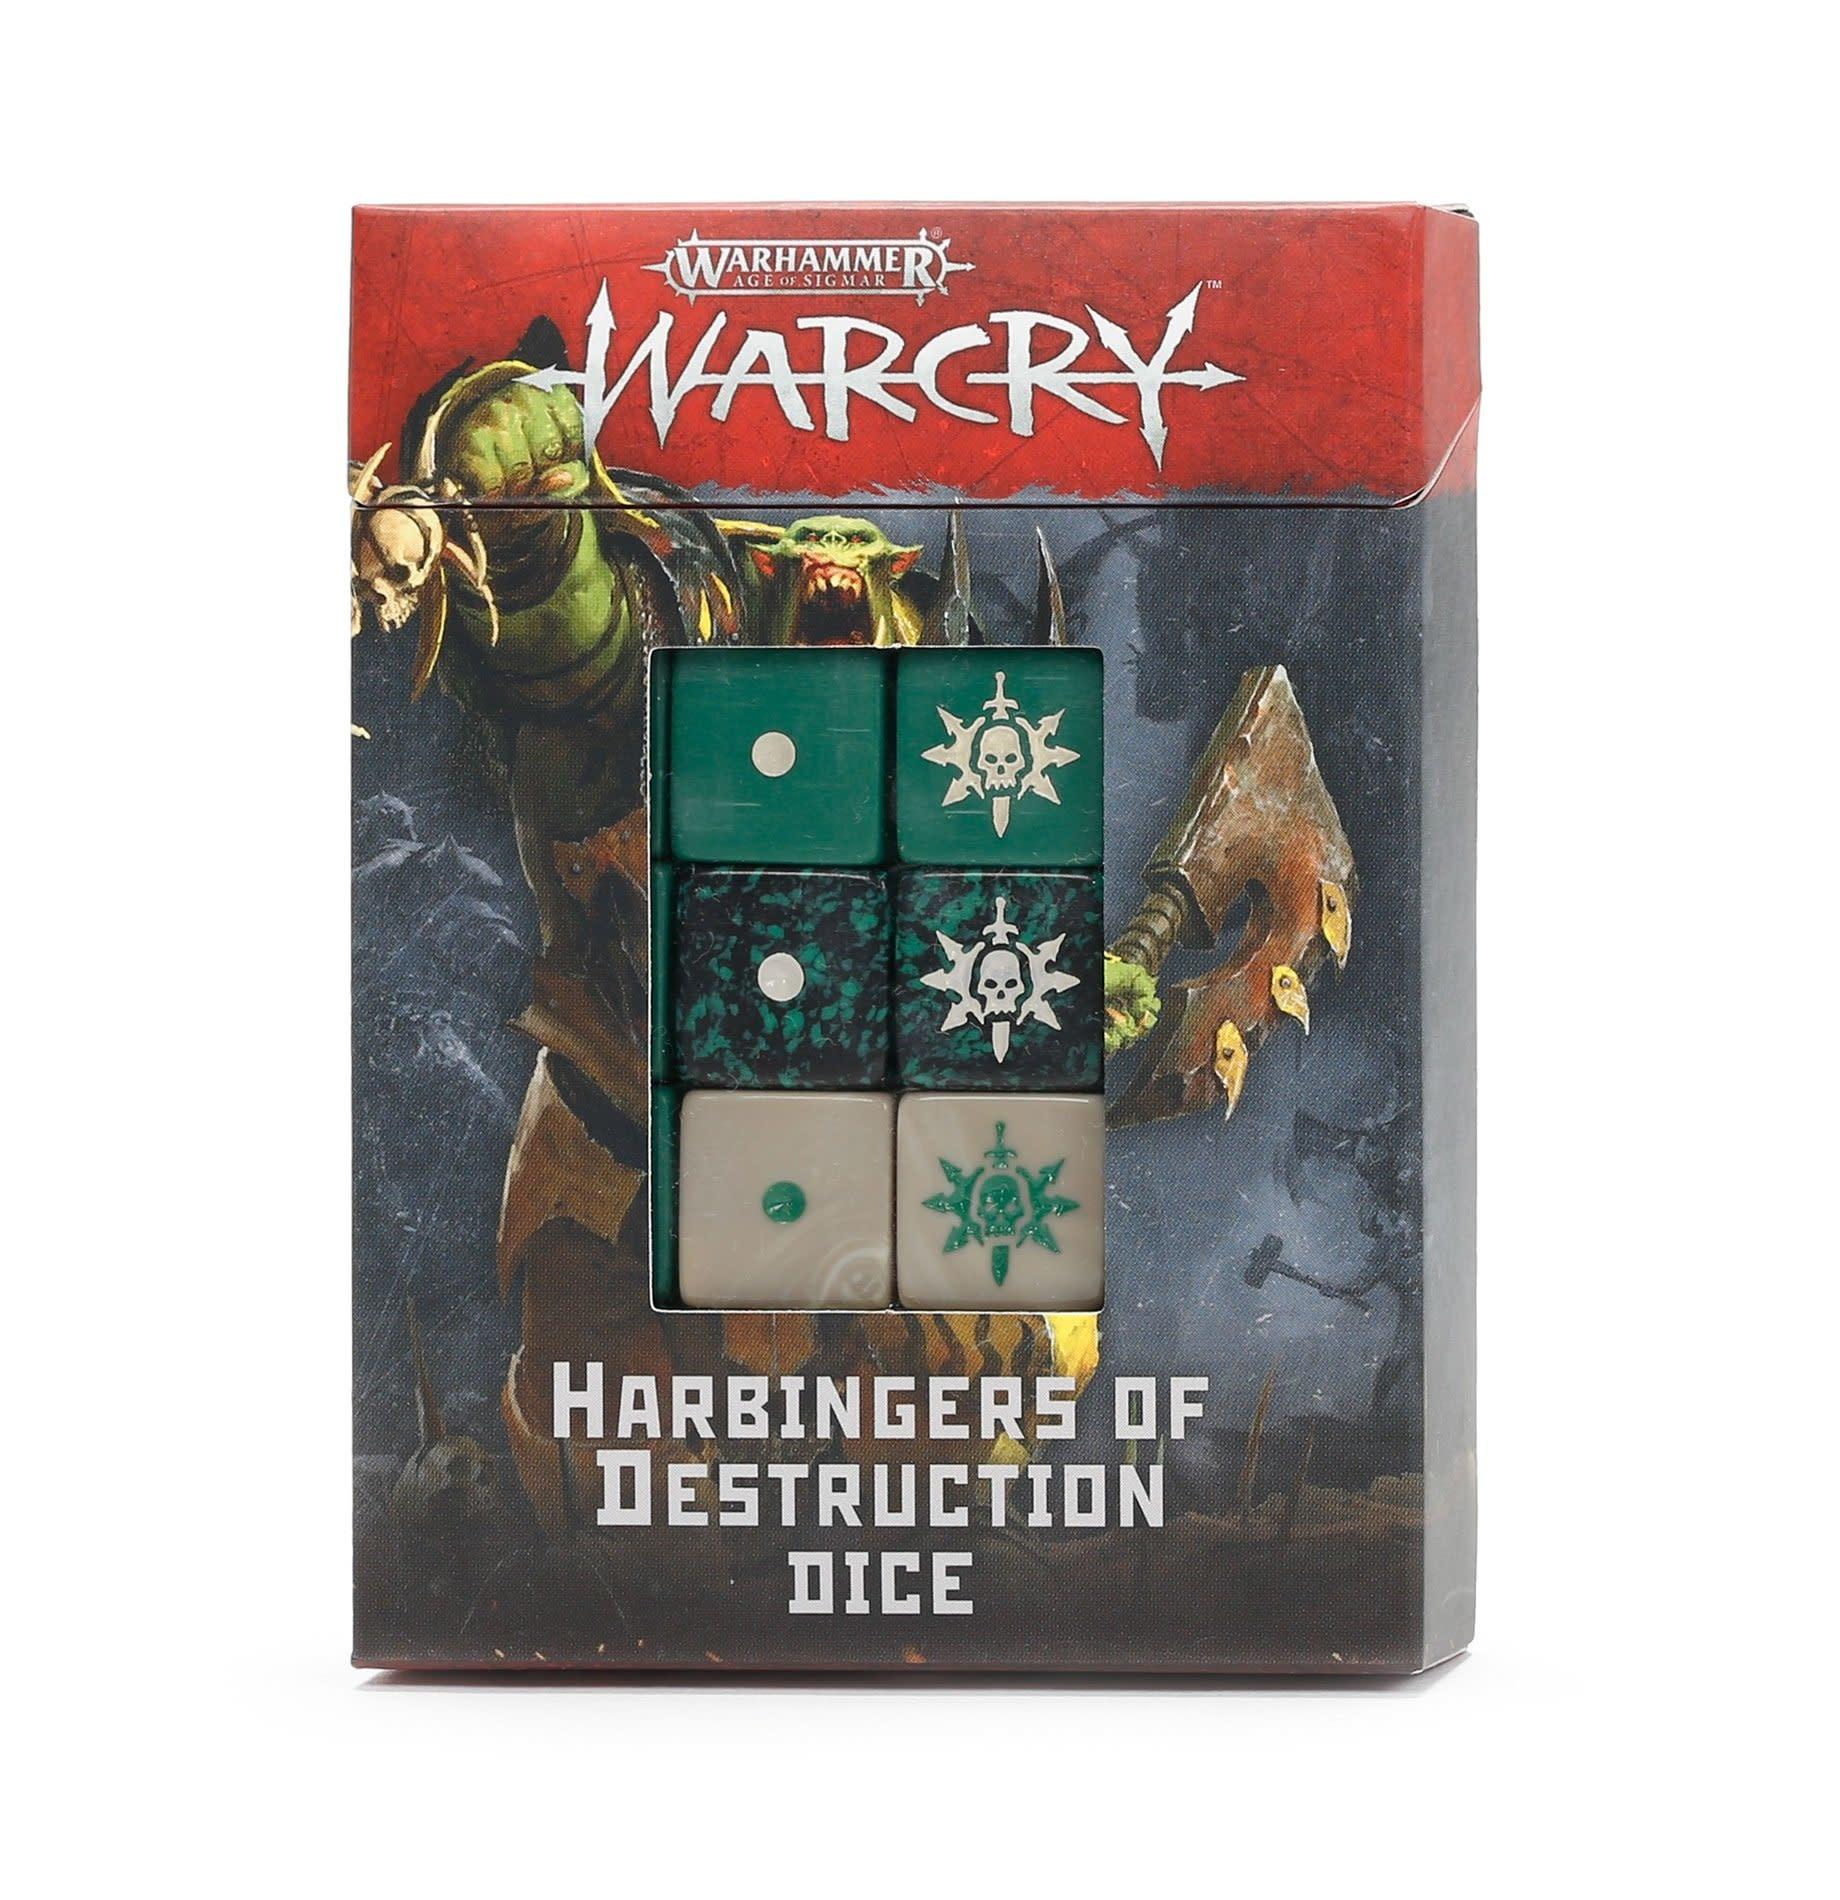 Games-Workshop Warcry: Harbingers of Destruction Dice